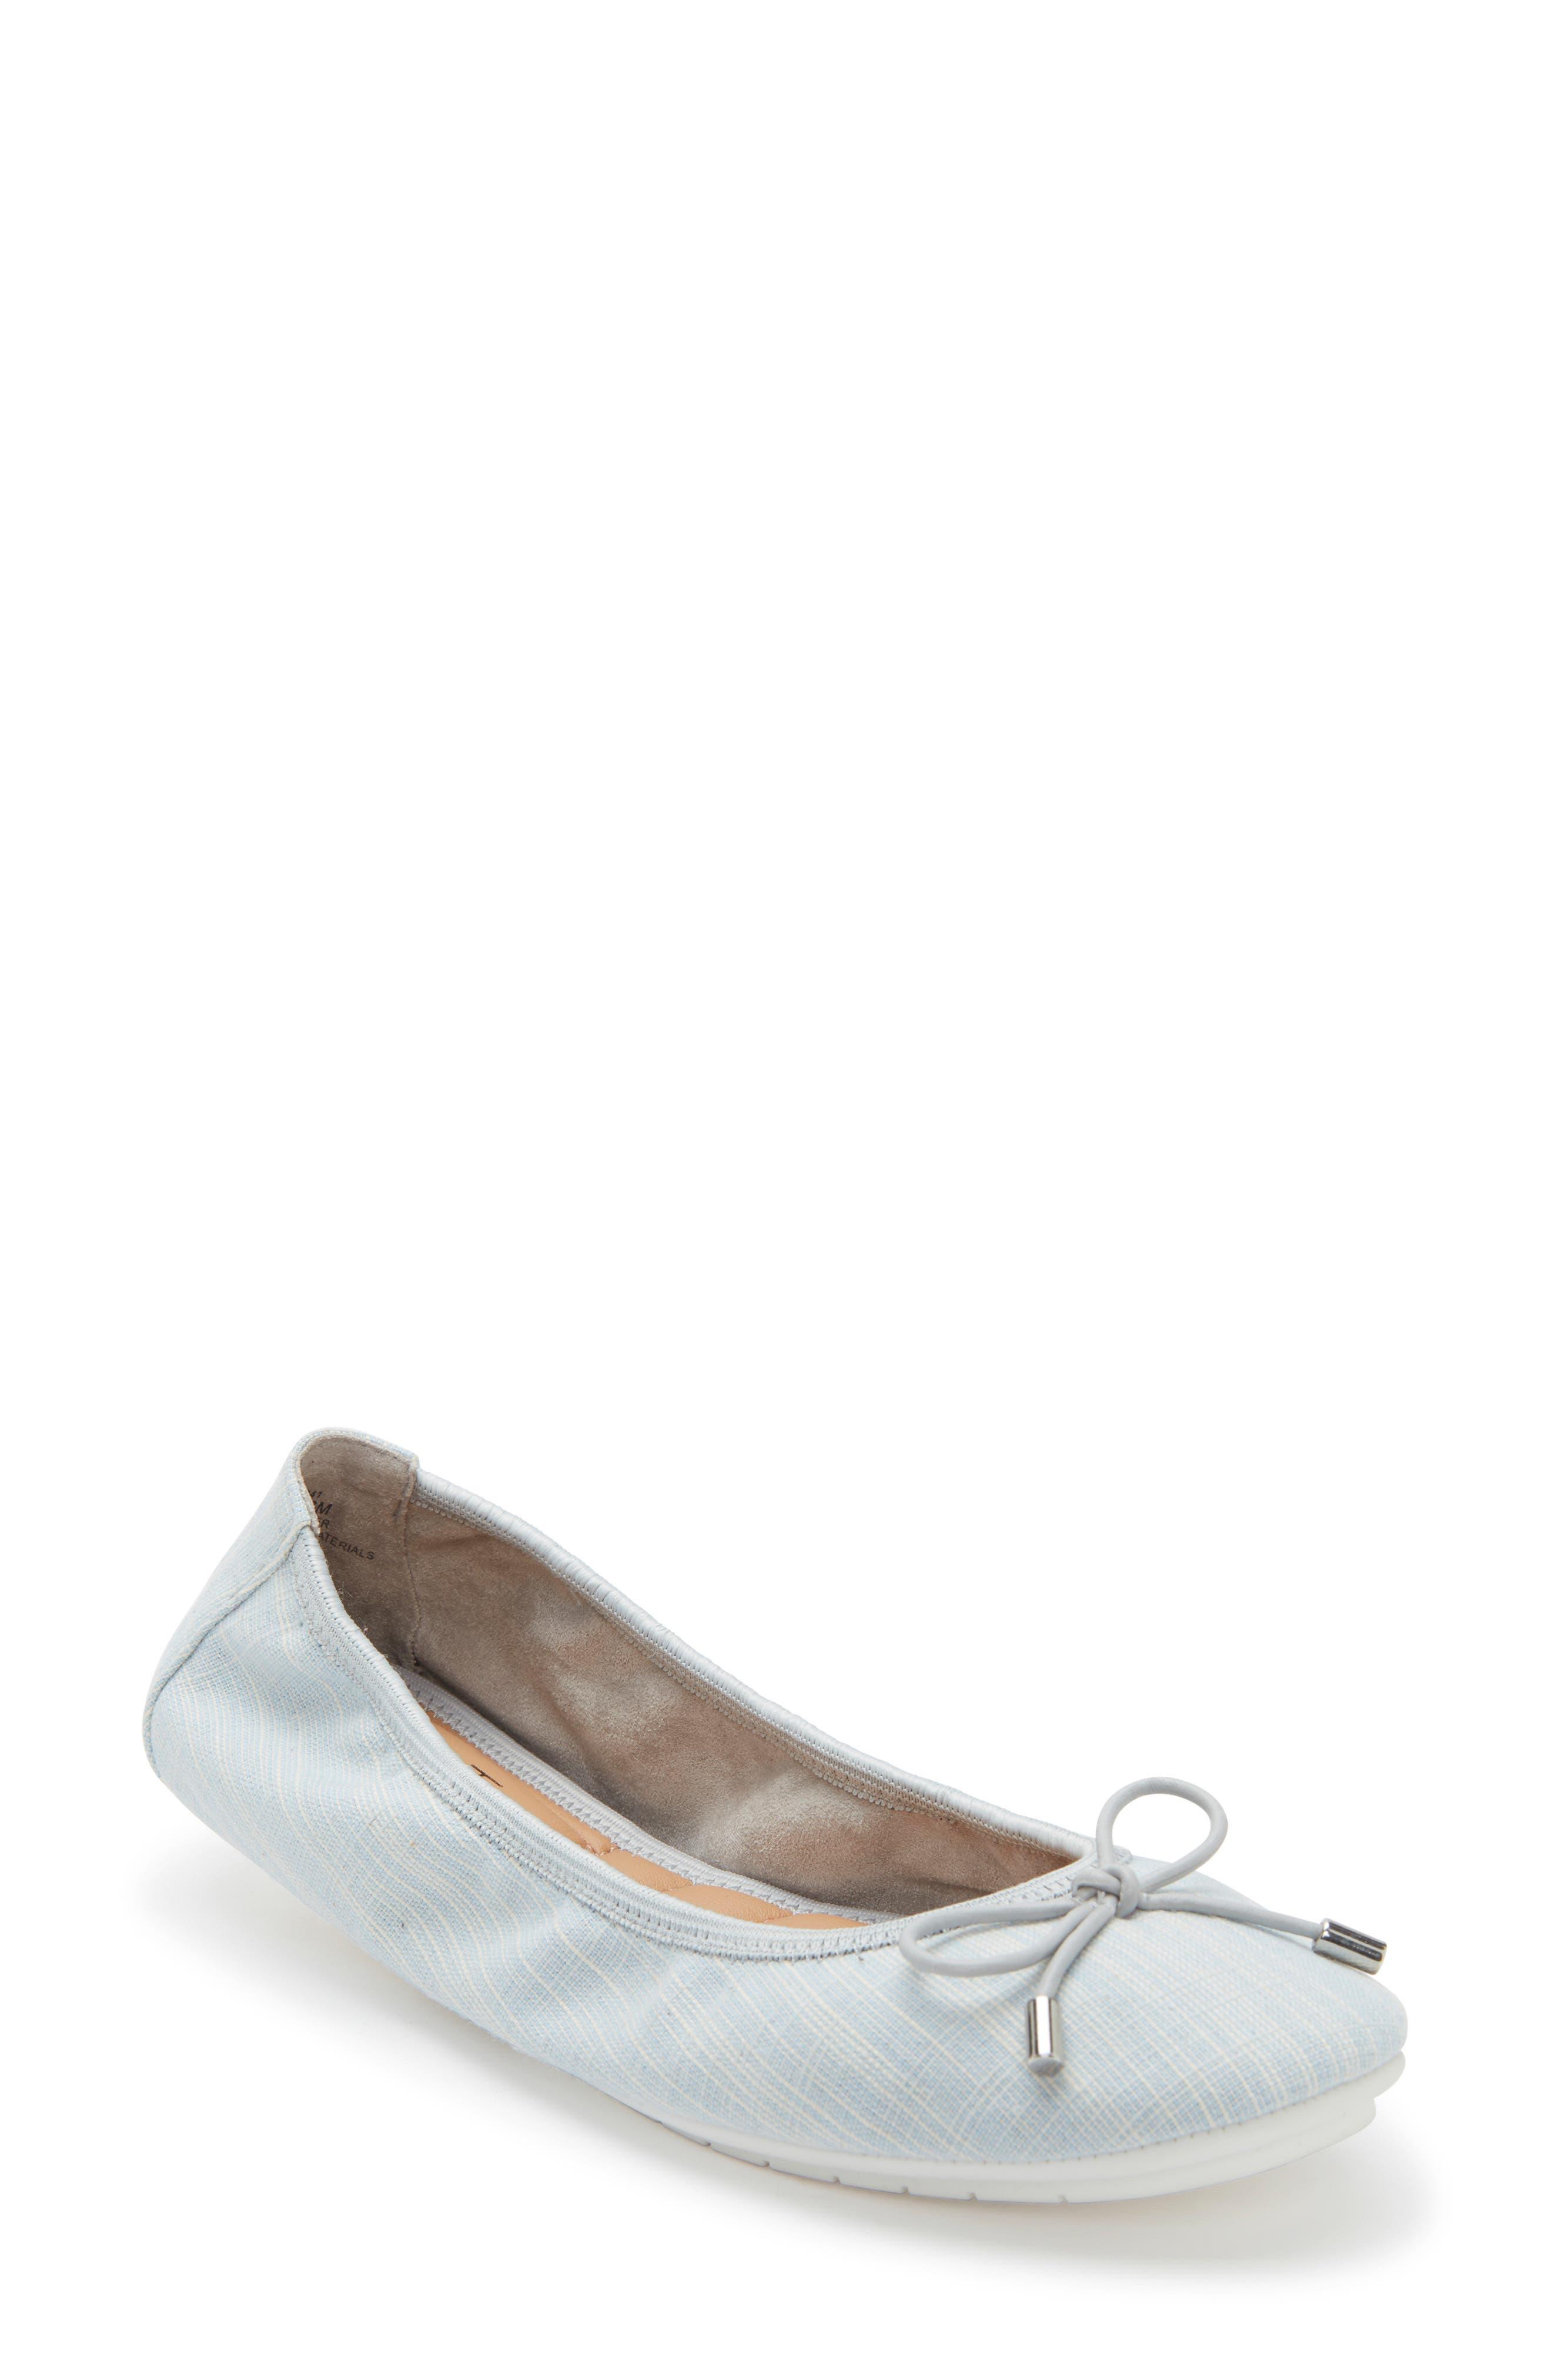 131575b6111 Me Too Shoes